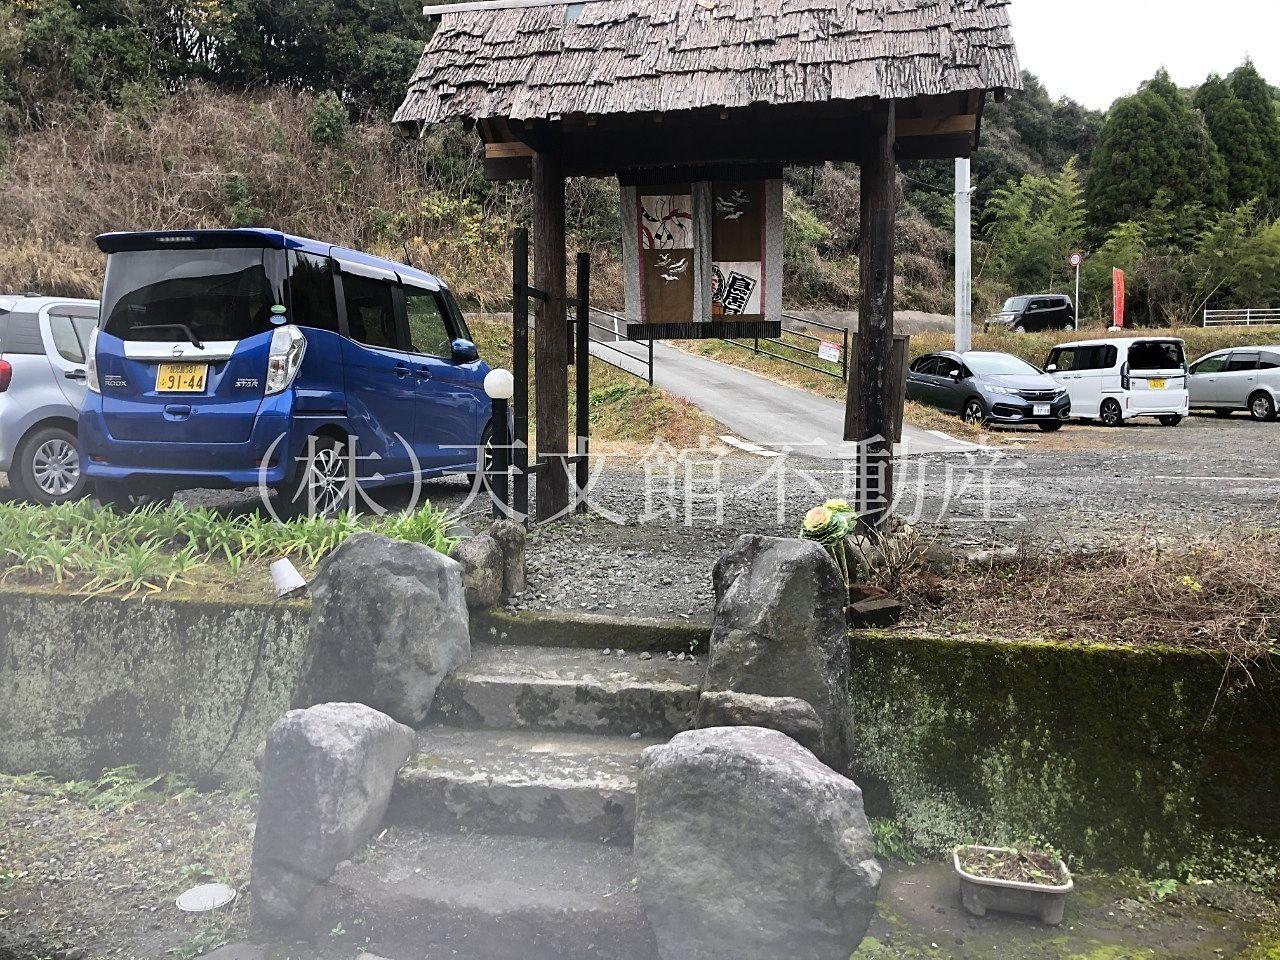 霧島市隼人町小浜のKITCHEN Qの駐車場です。